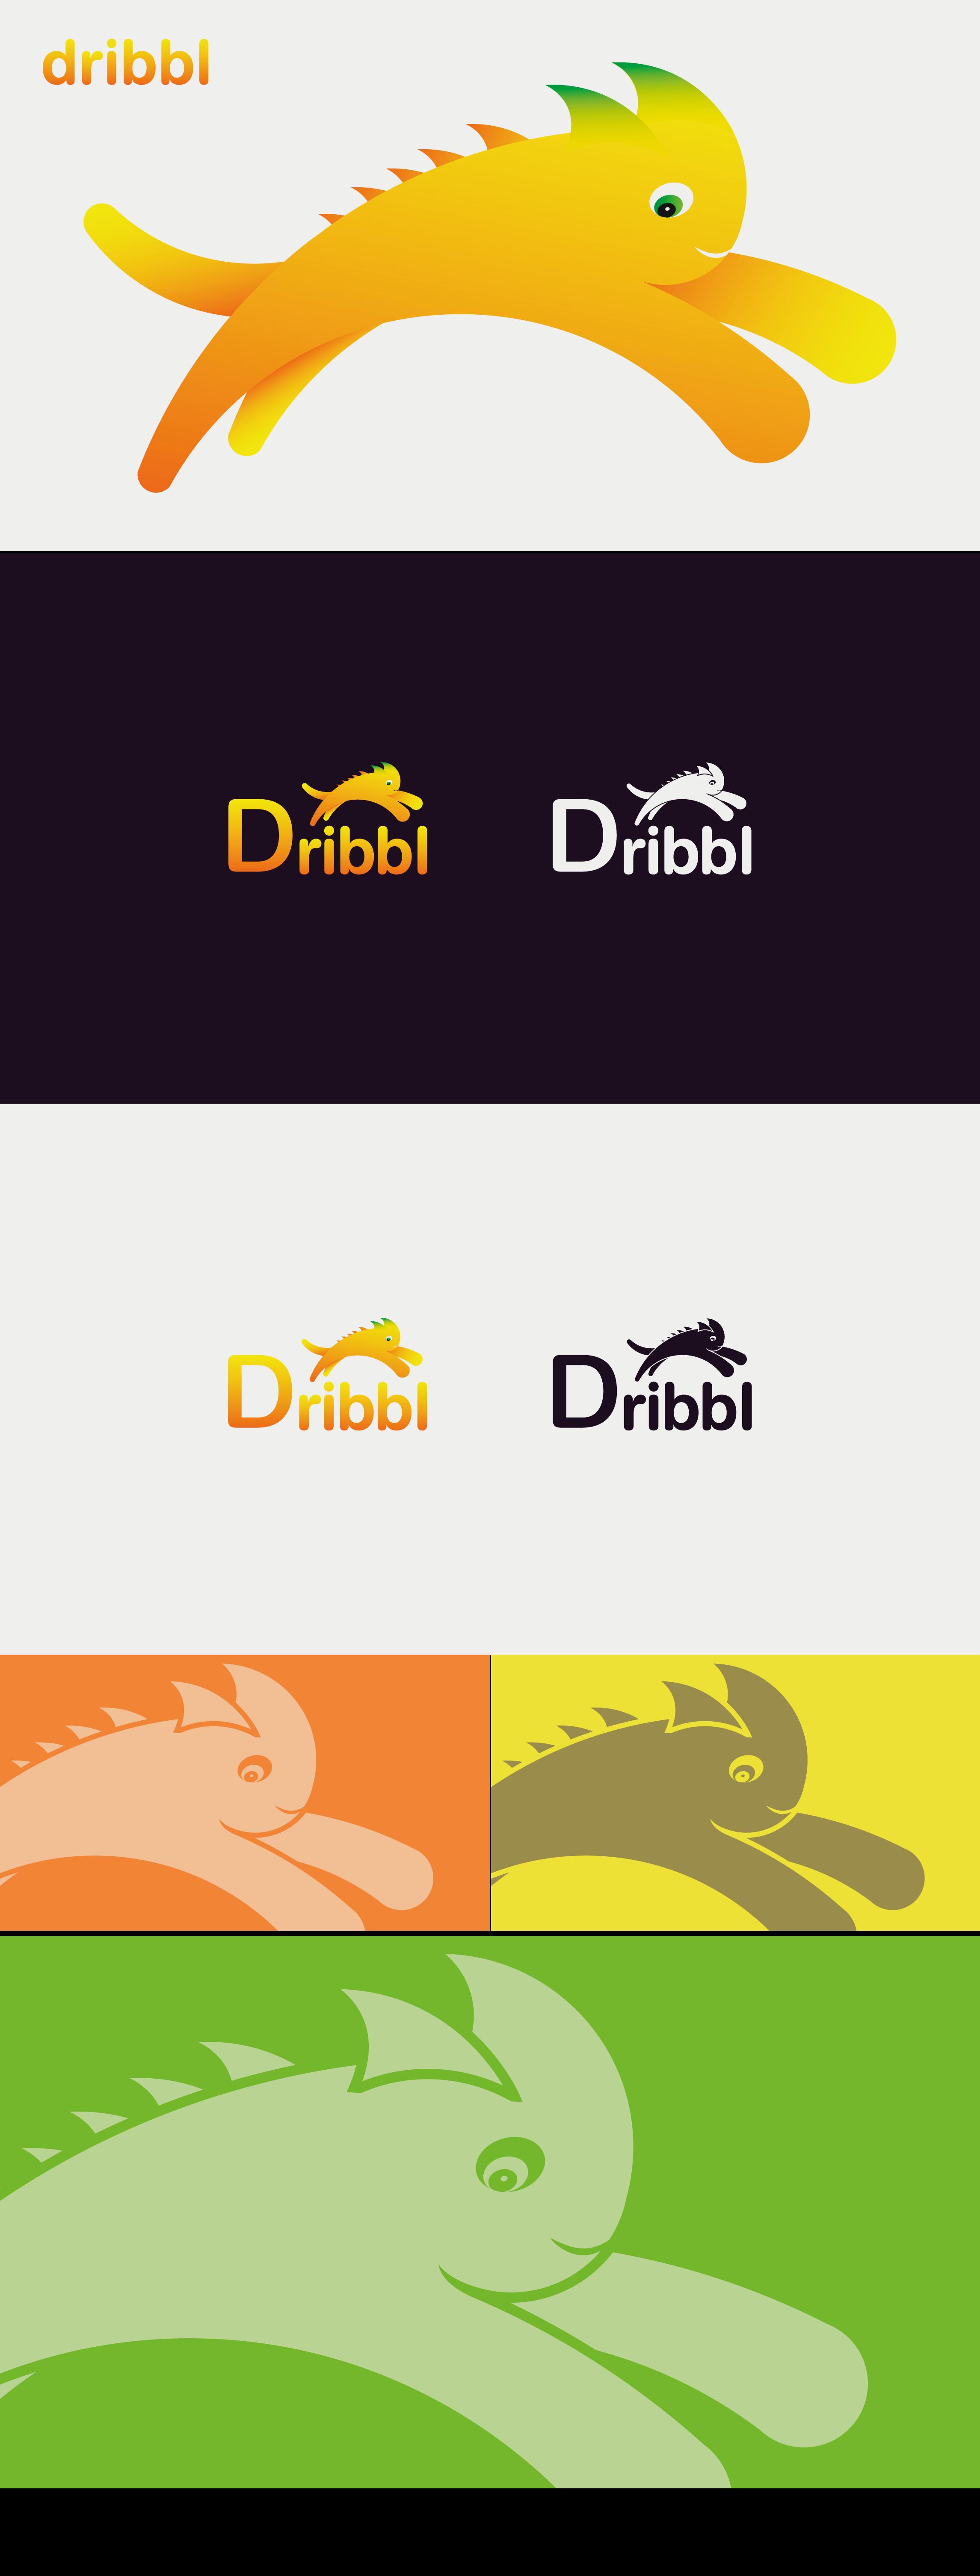 Разработка логотипа для сайта Dribbl.ru фото f_3275a9cc2e4d6751.png